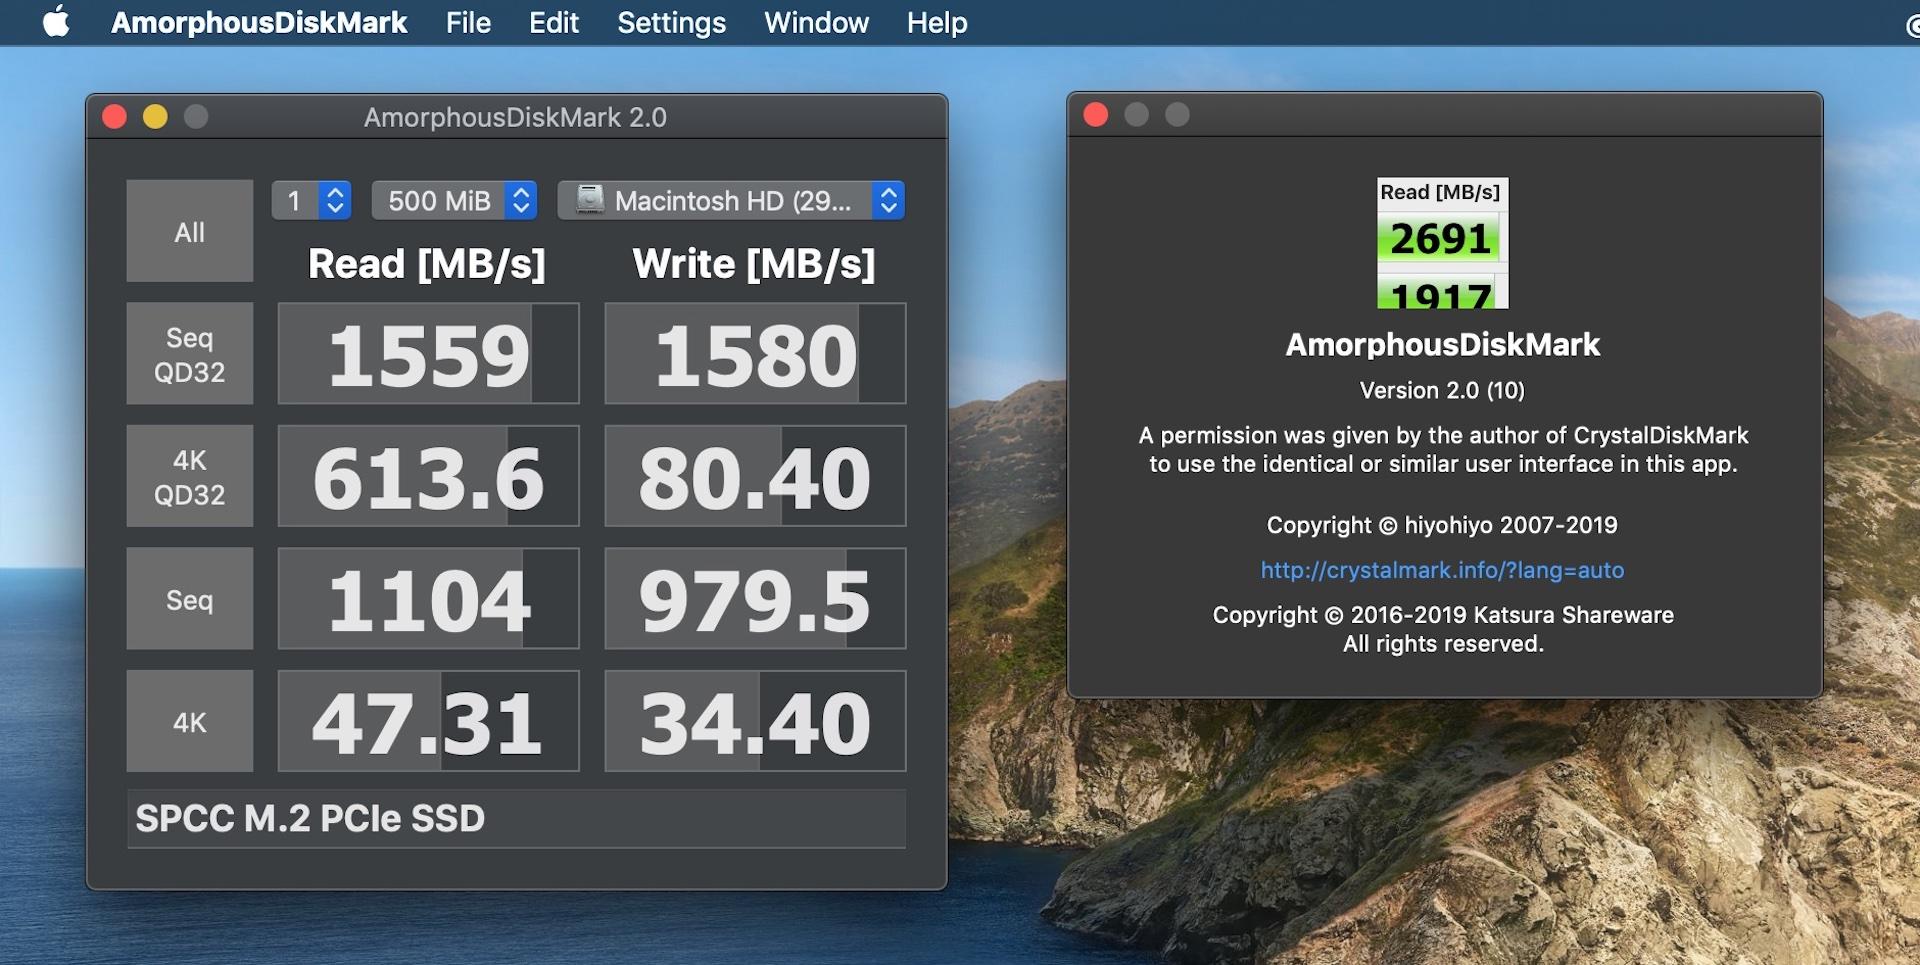 AmorphousDiskMark for Mac v2